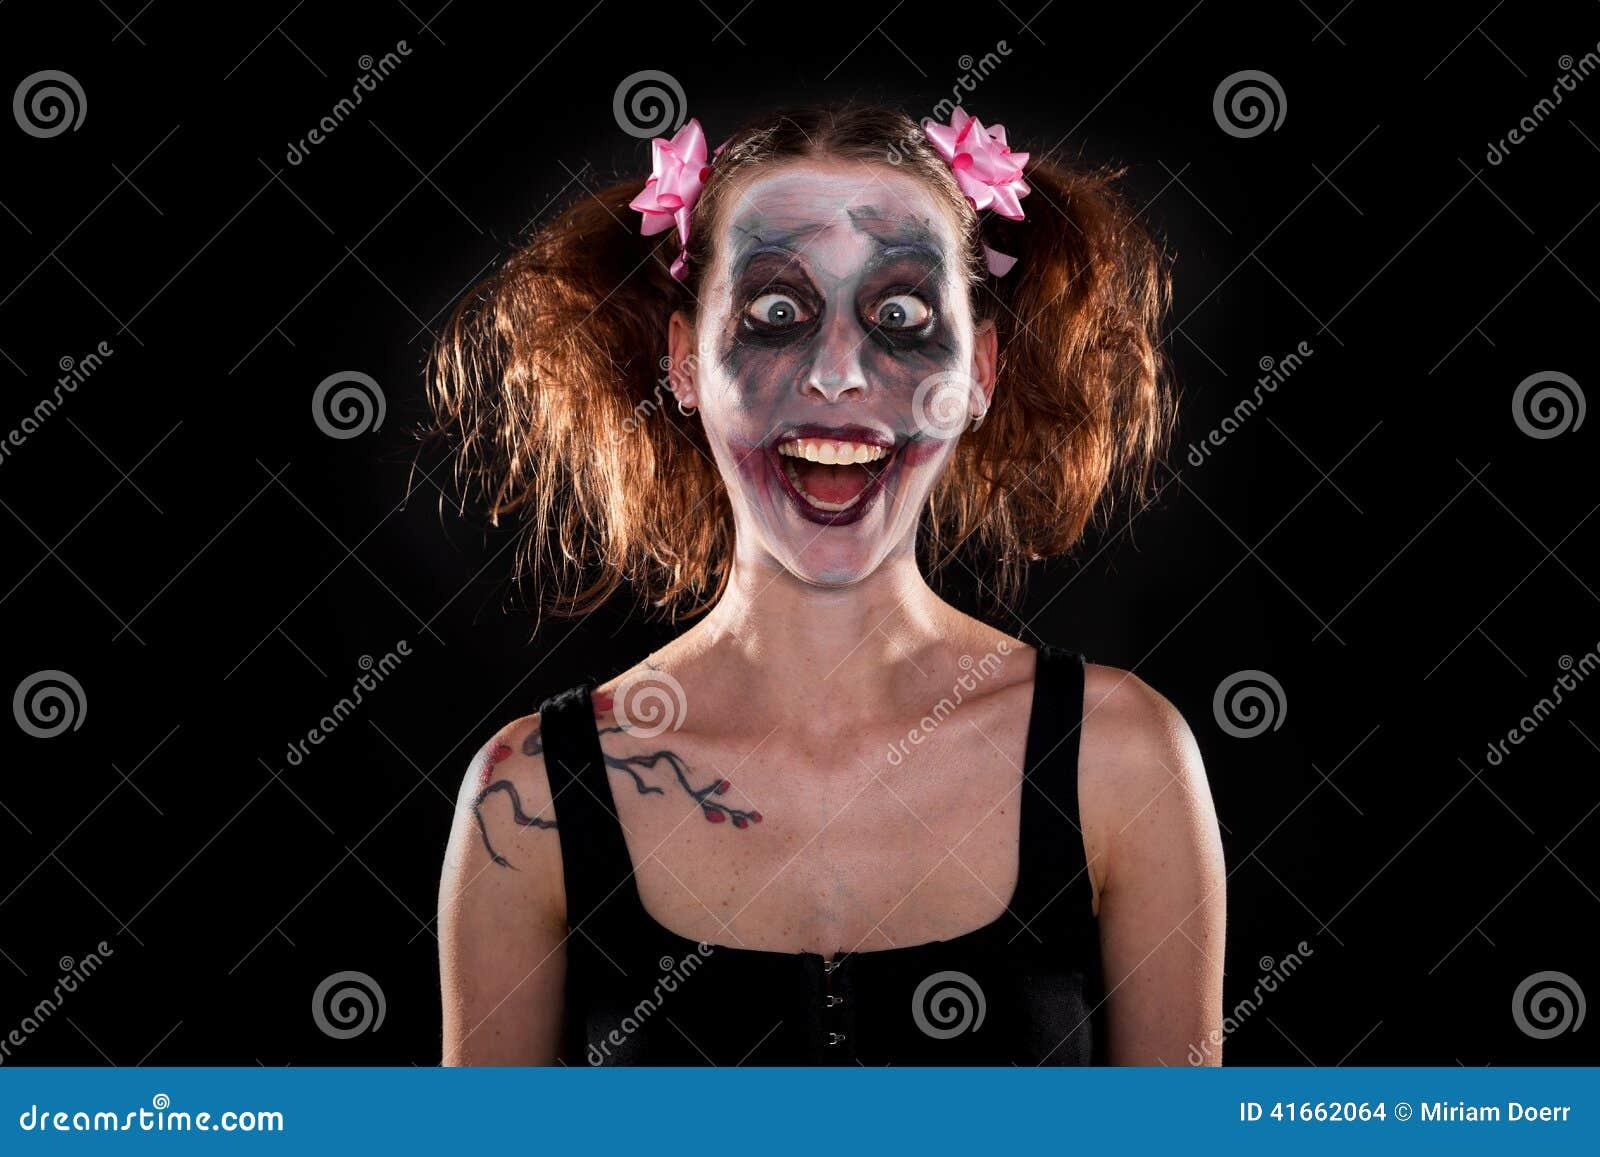 Geisteskranker weiblicher Clown vor Schwarzem